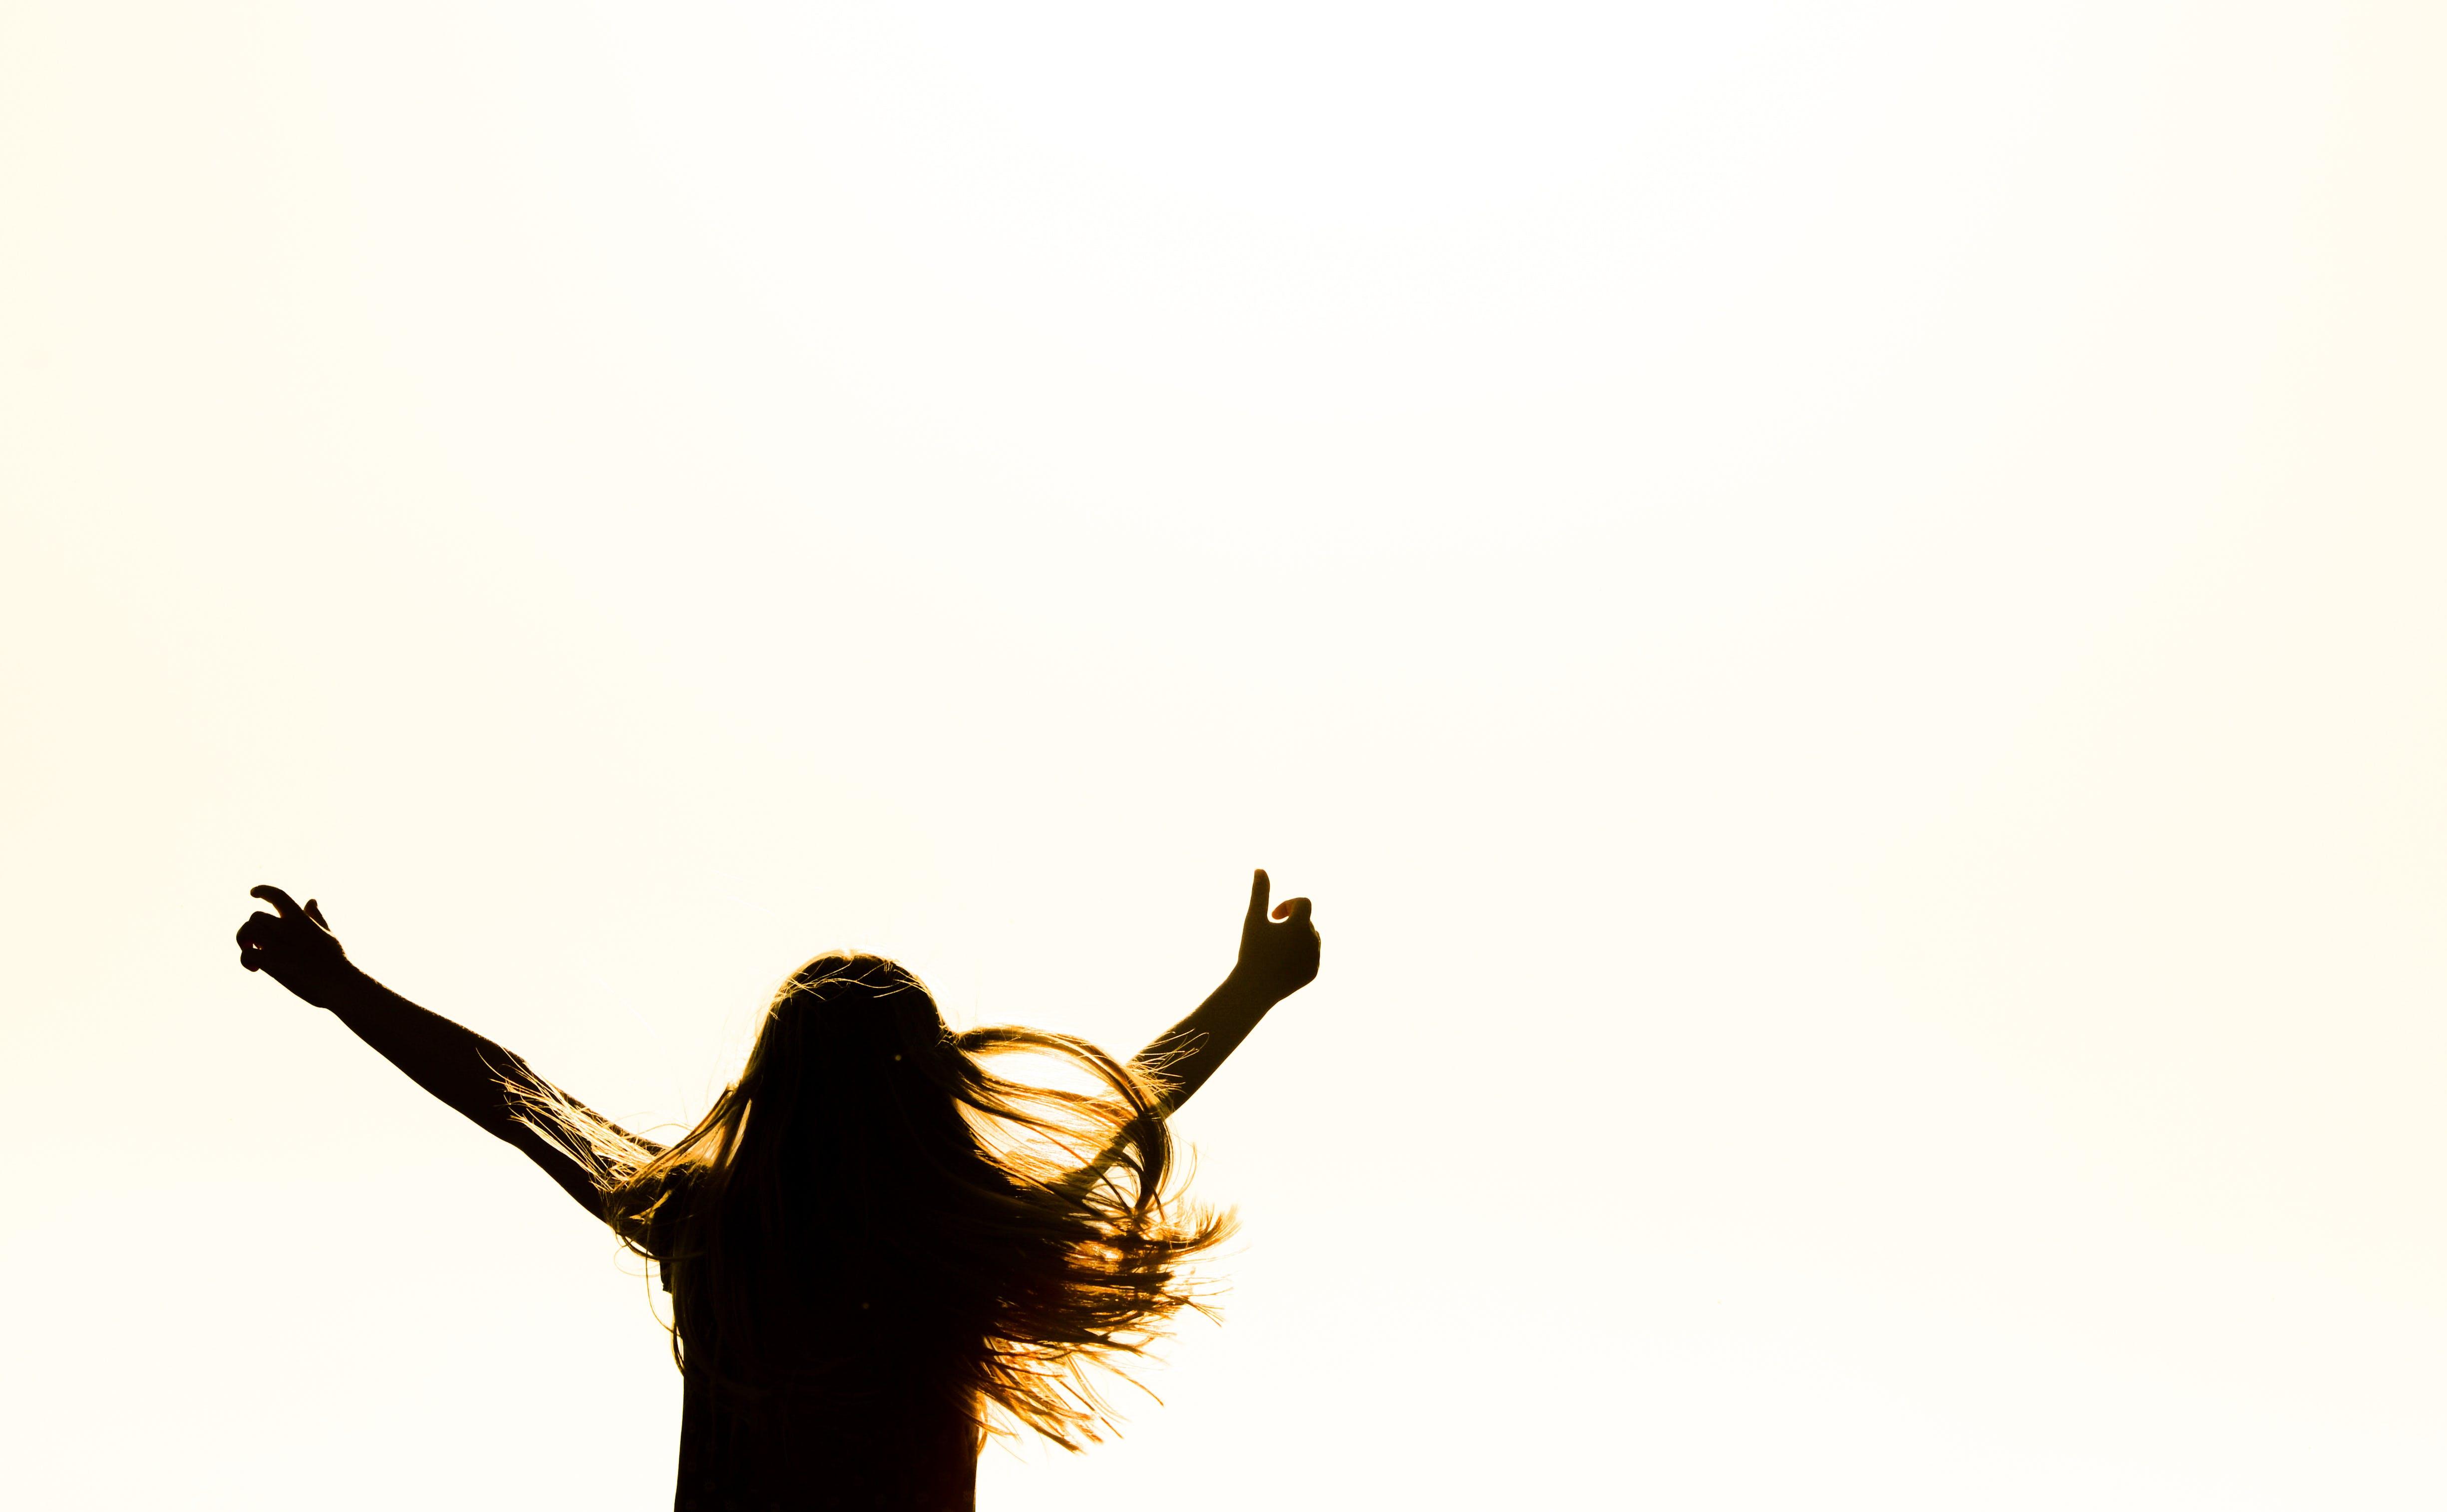 Бесплатное стоковое фото с беззаботный, бодрое настроение, волос, девочка